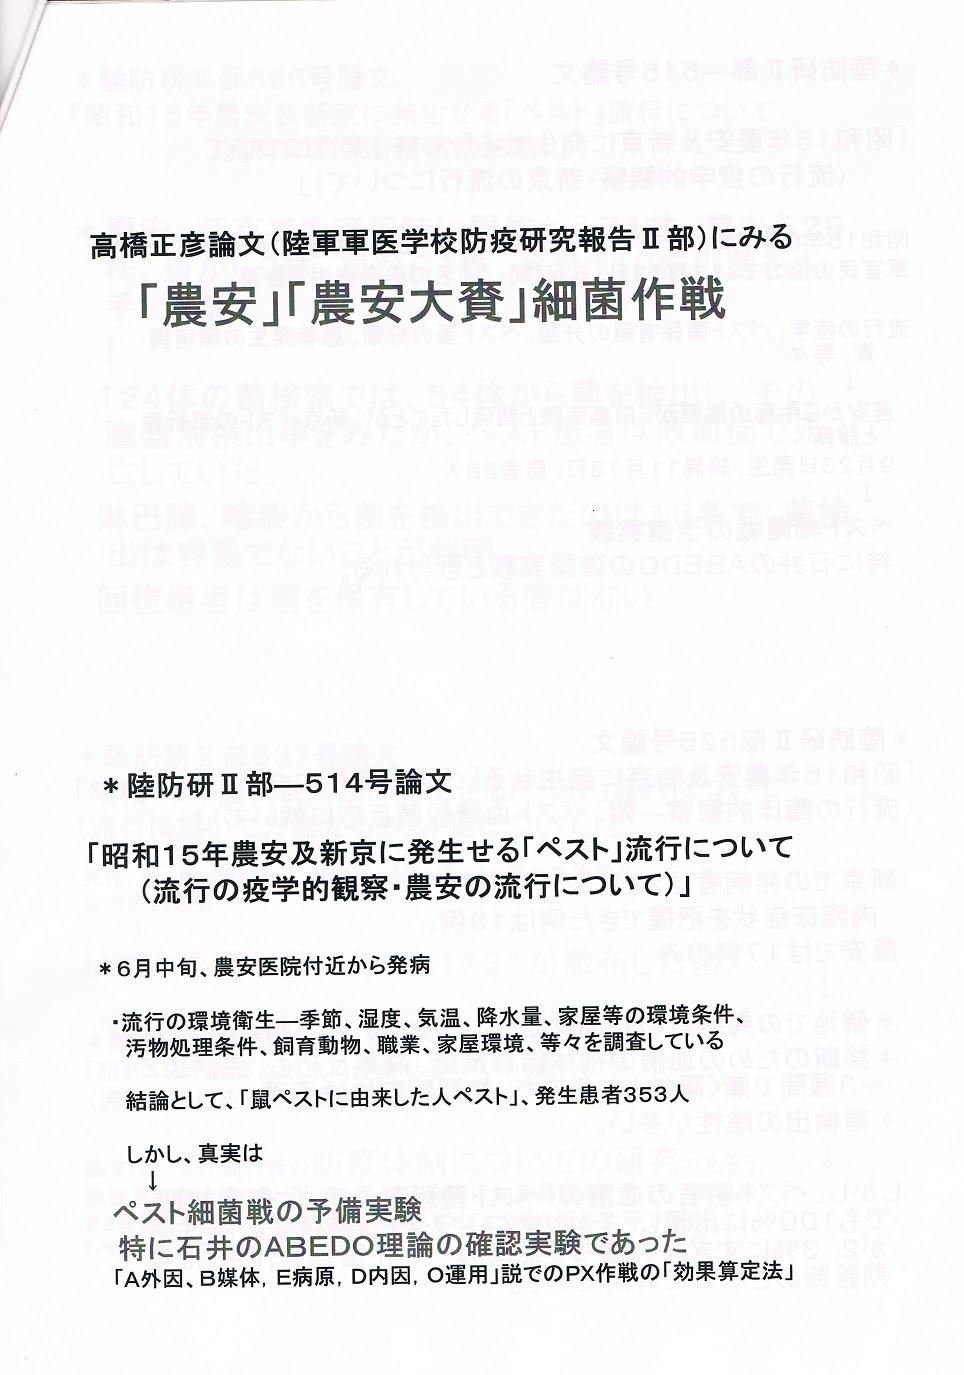 高橋正彦論文514号 - コピー